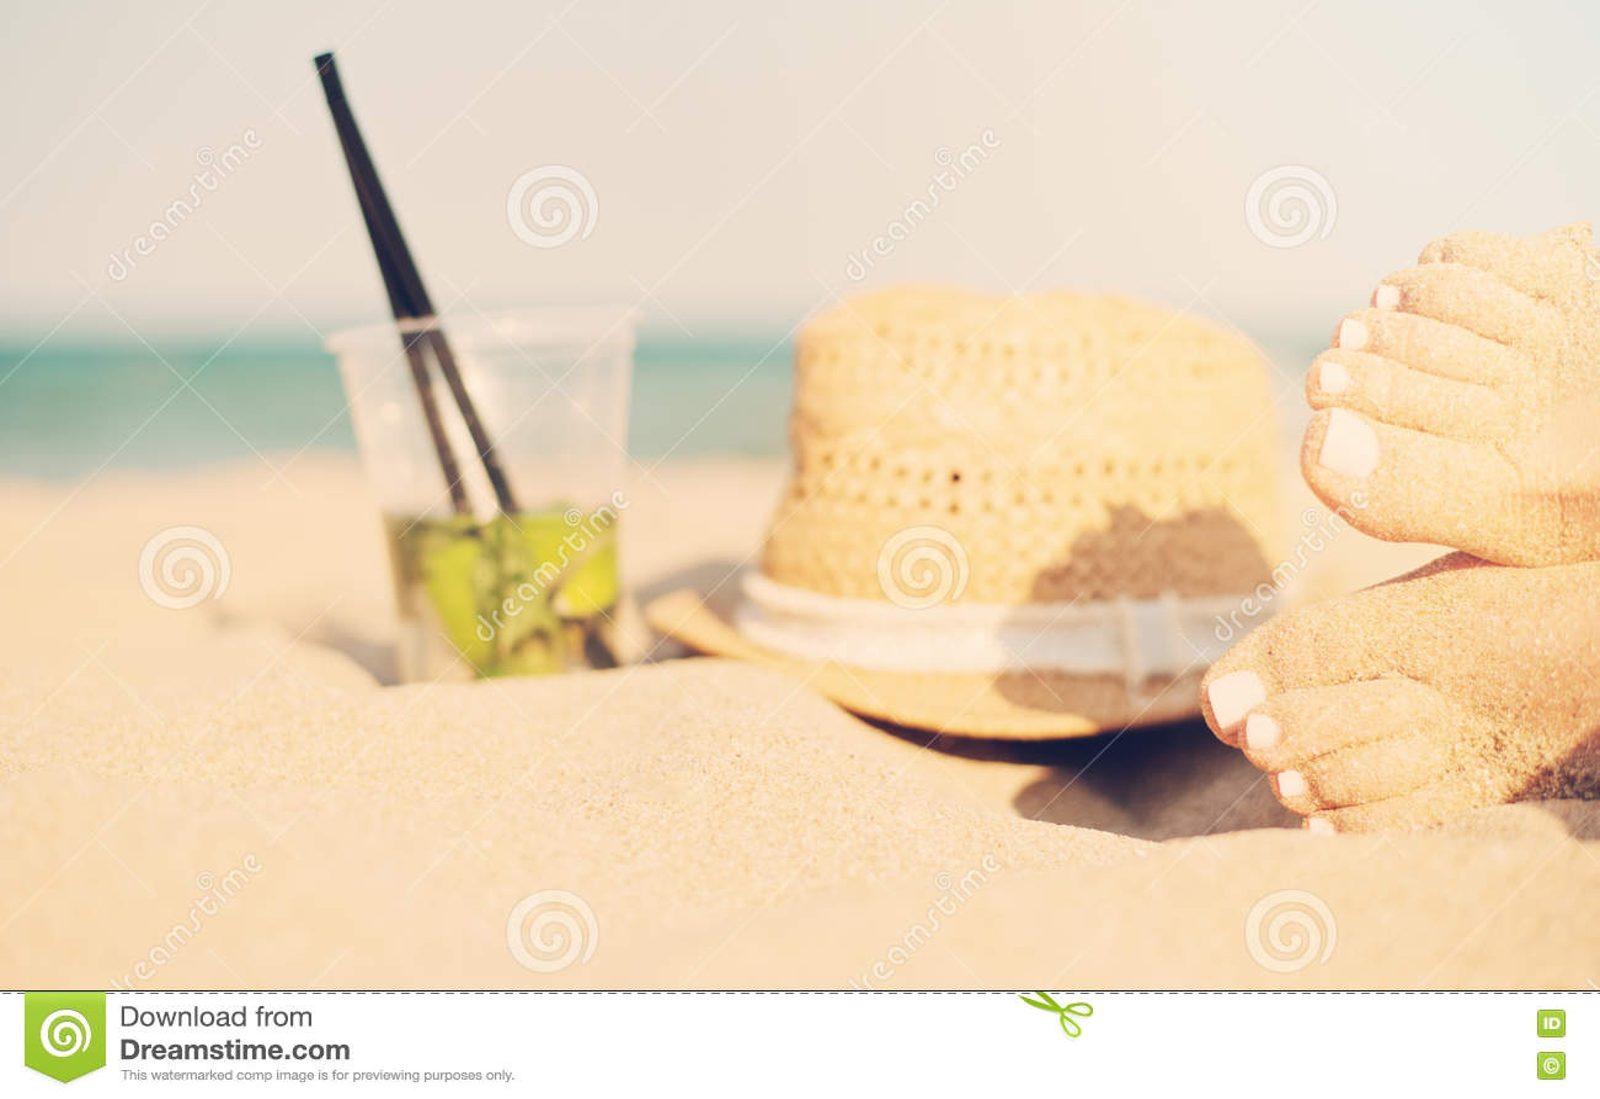 休闲在夏天-美好性感的妇女脚、女性腿在沙滩与帽子和mojito鸡尾酒 在的Mojito鸡尾酒